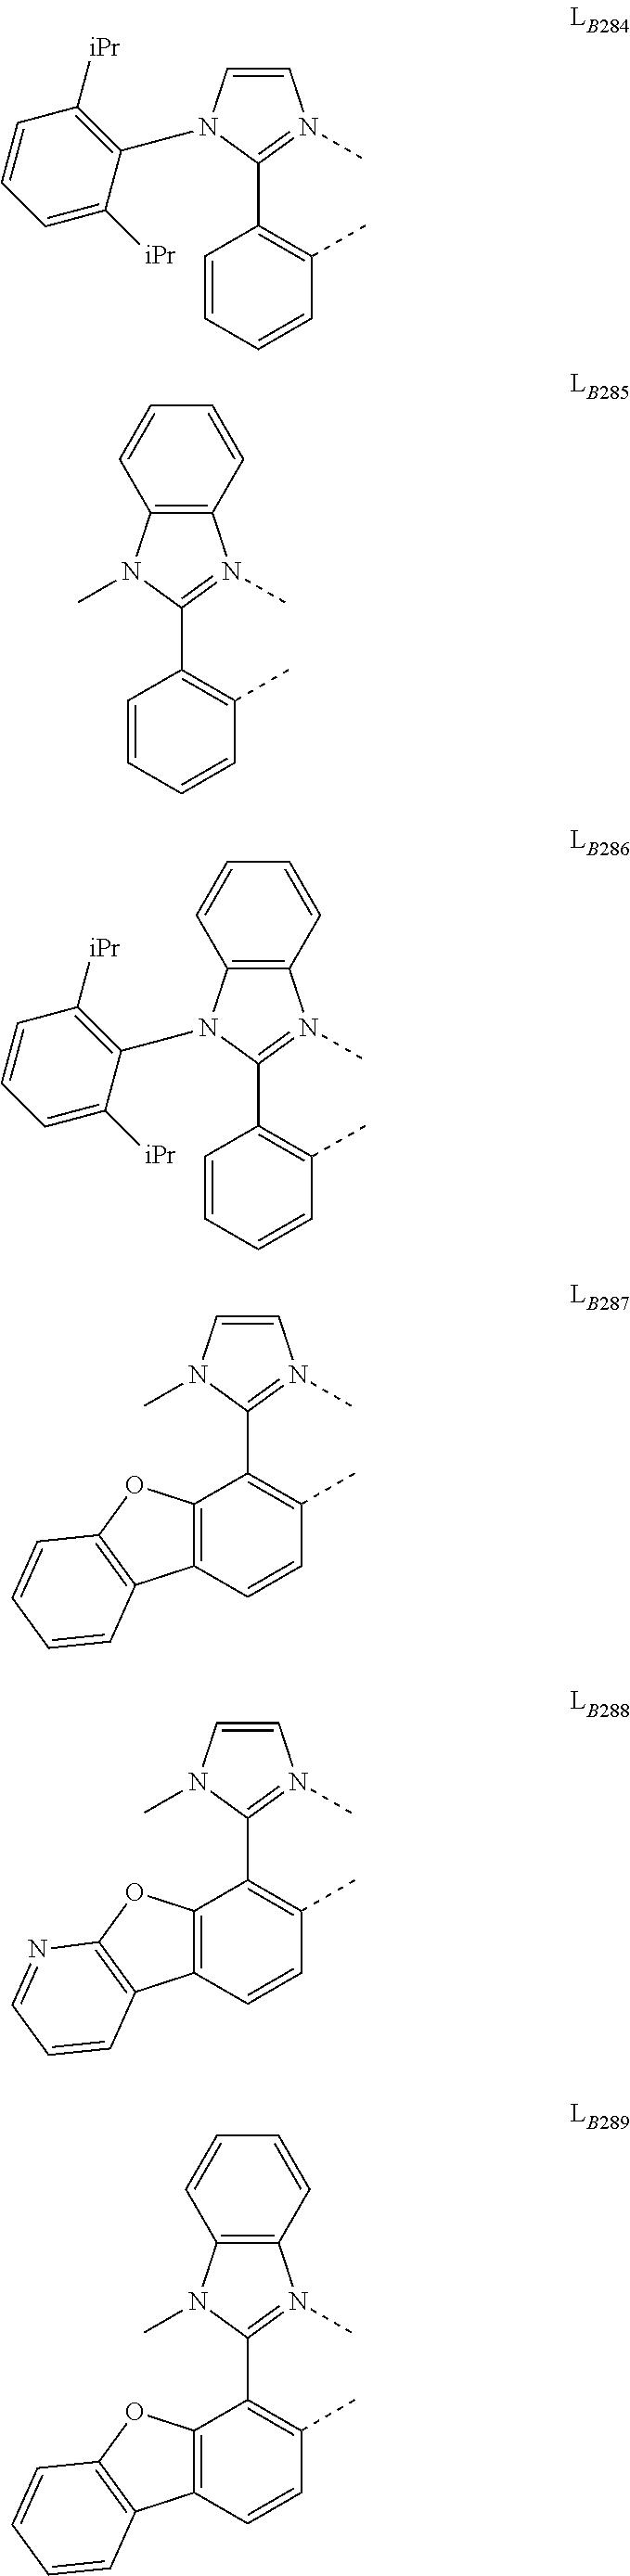 Figure US20180130962A1-20180510-C00318